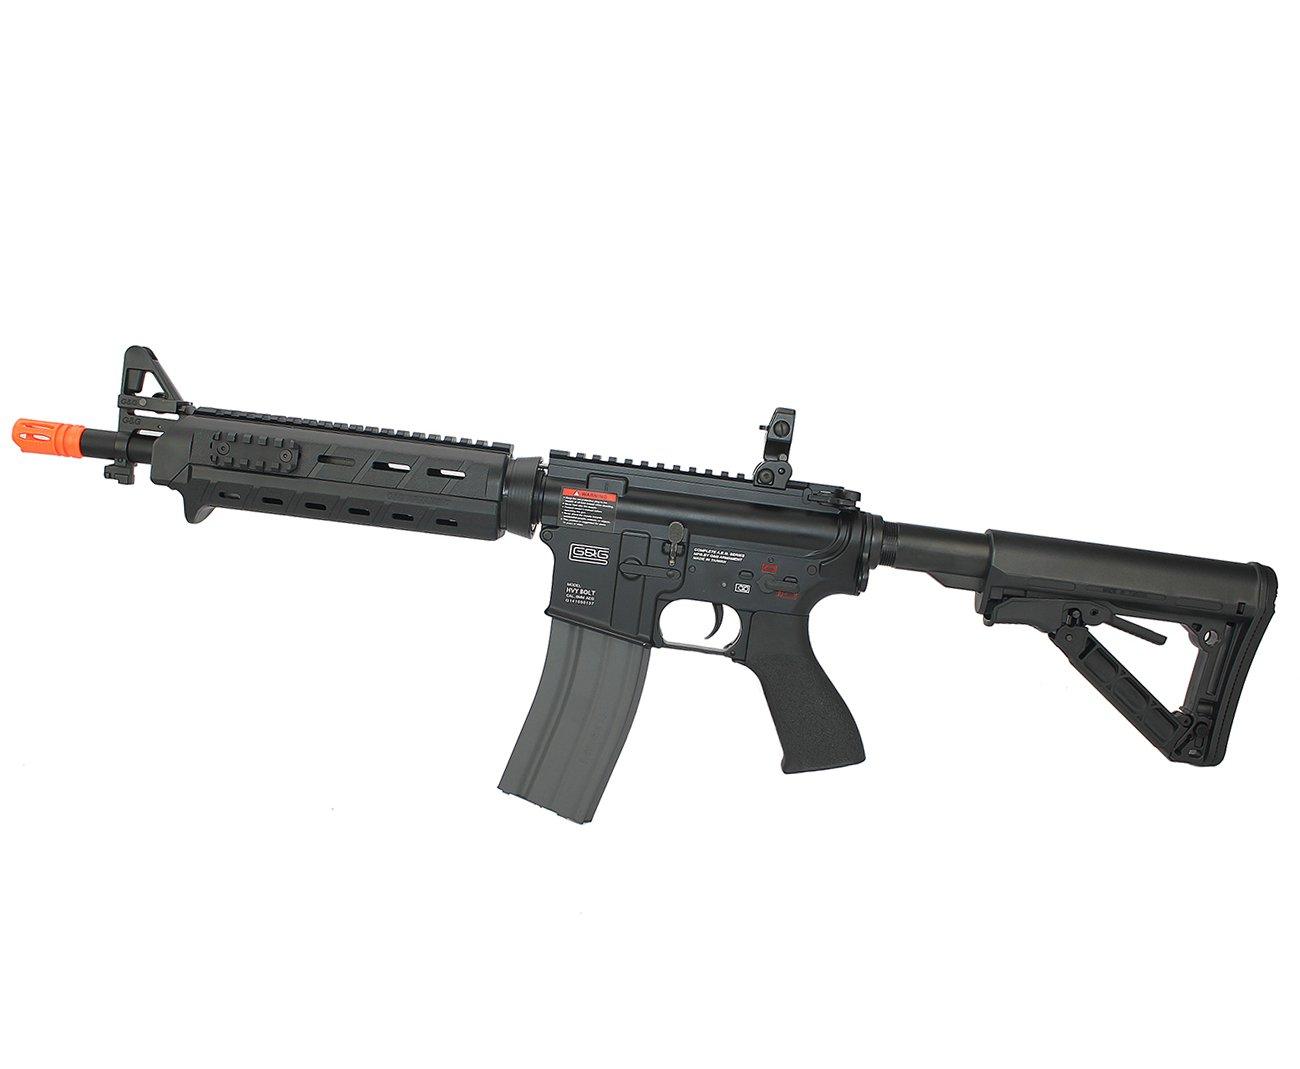 Rifle De Airsoft G&g Hb16 Mod 0 - Cal 6.0mm - Bivolt